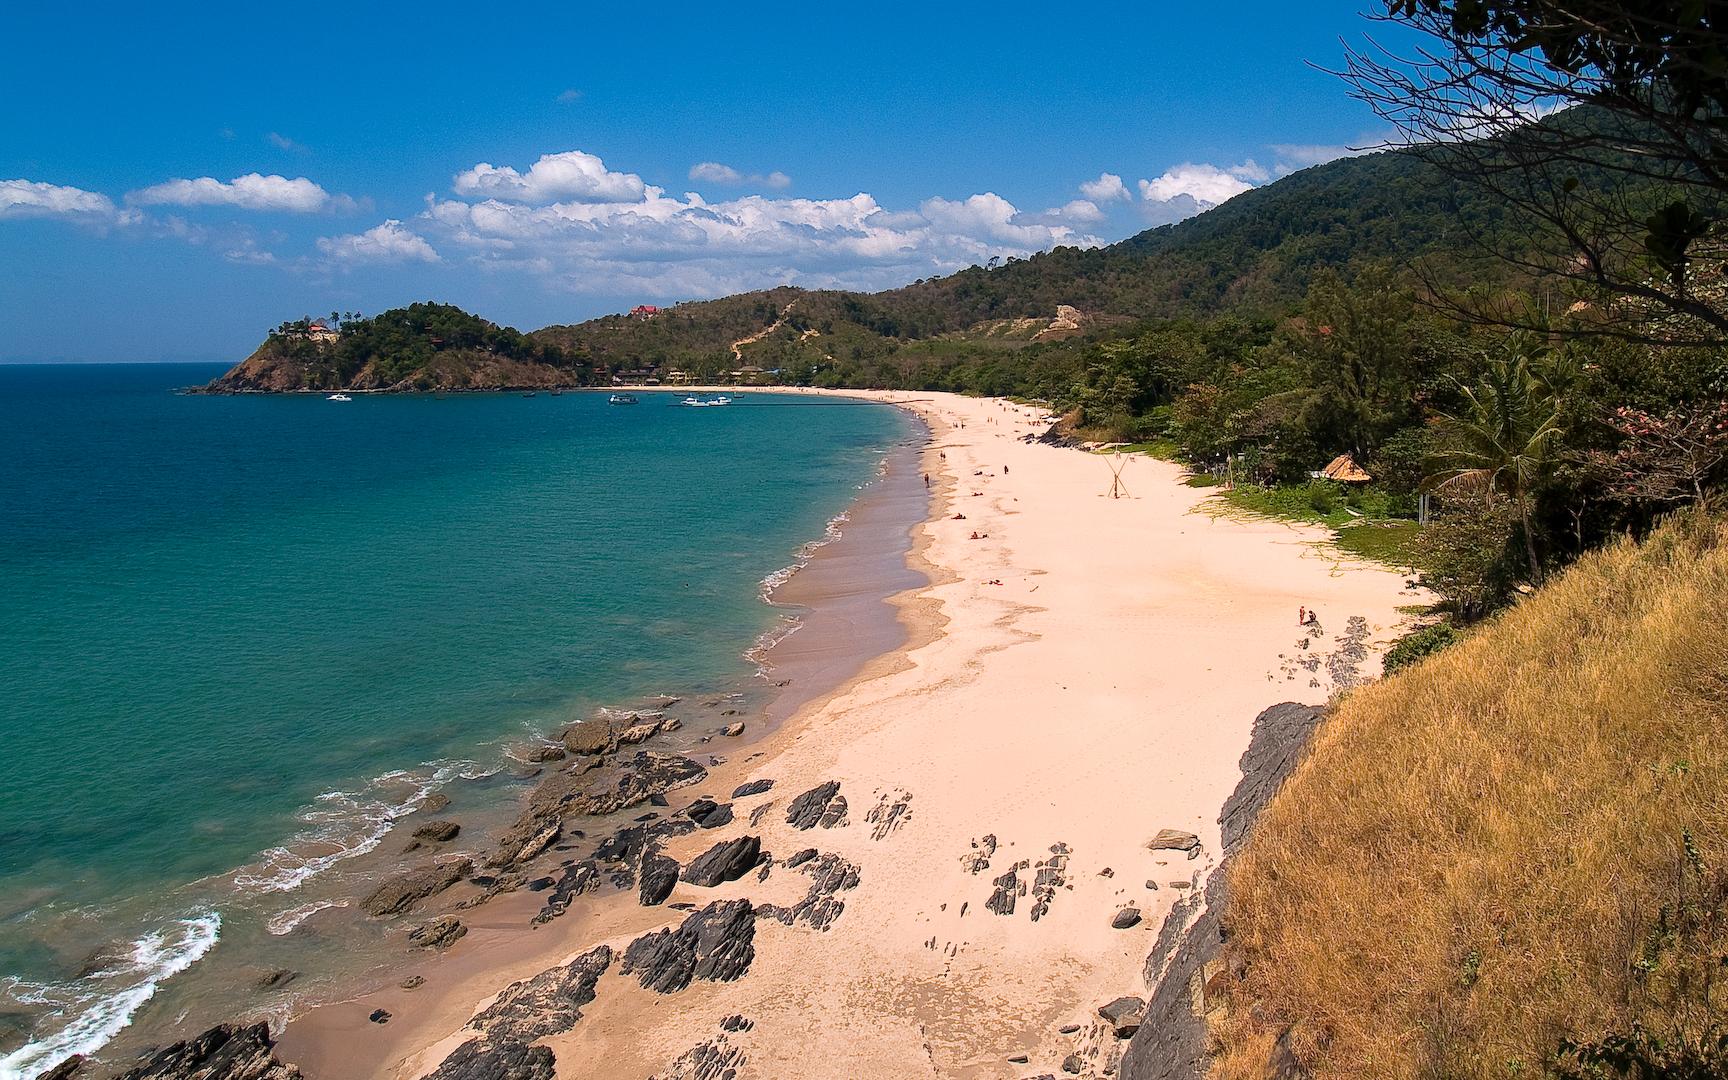 Thajský ostrov Ko Lanta